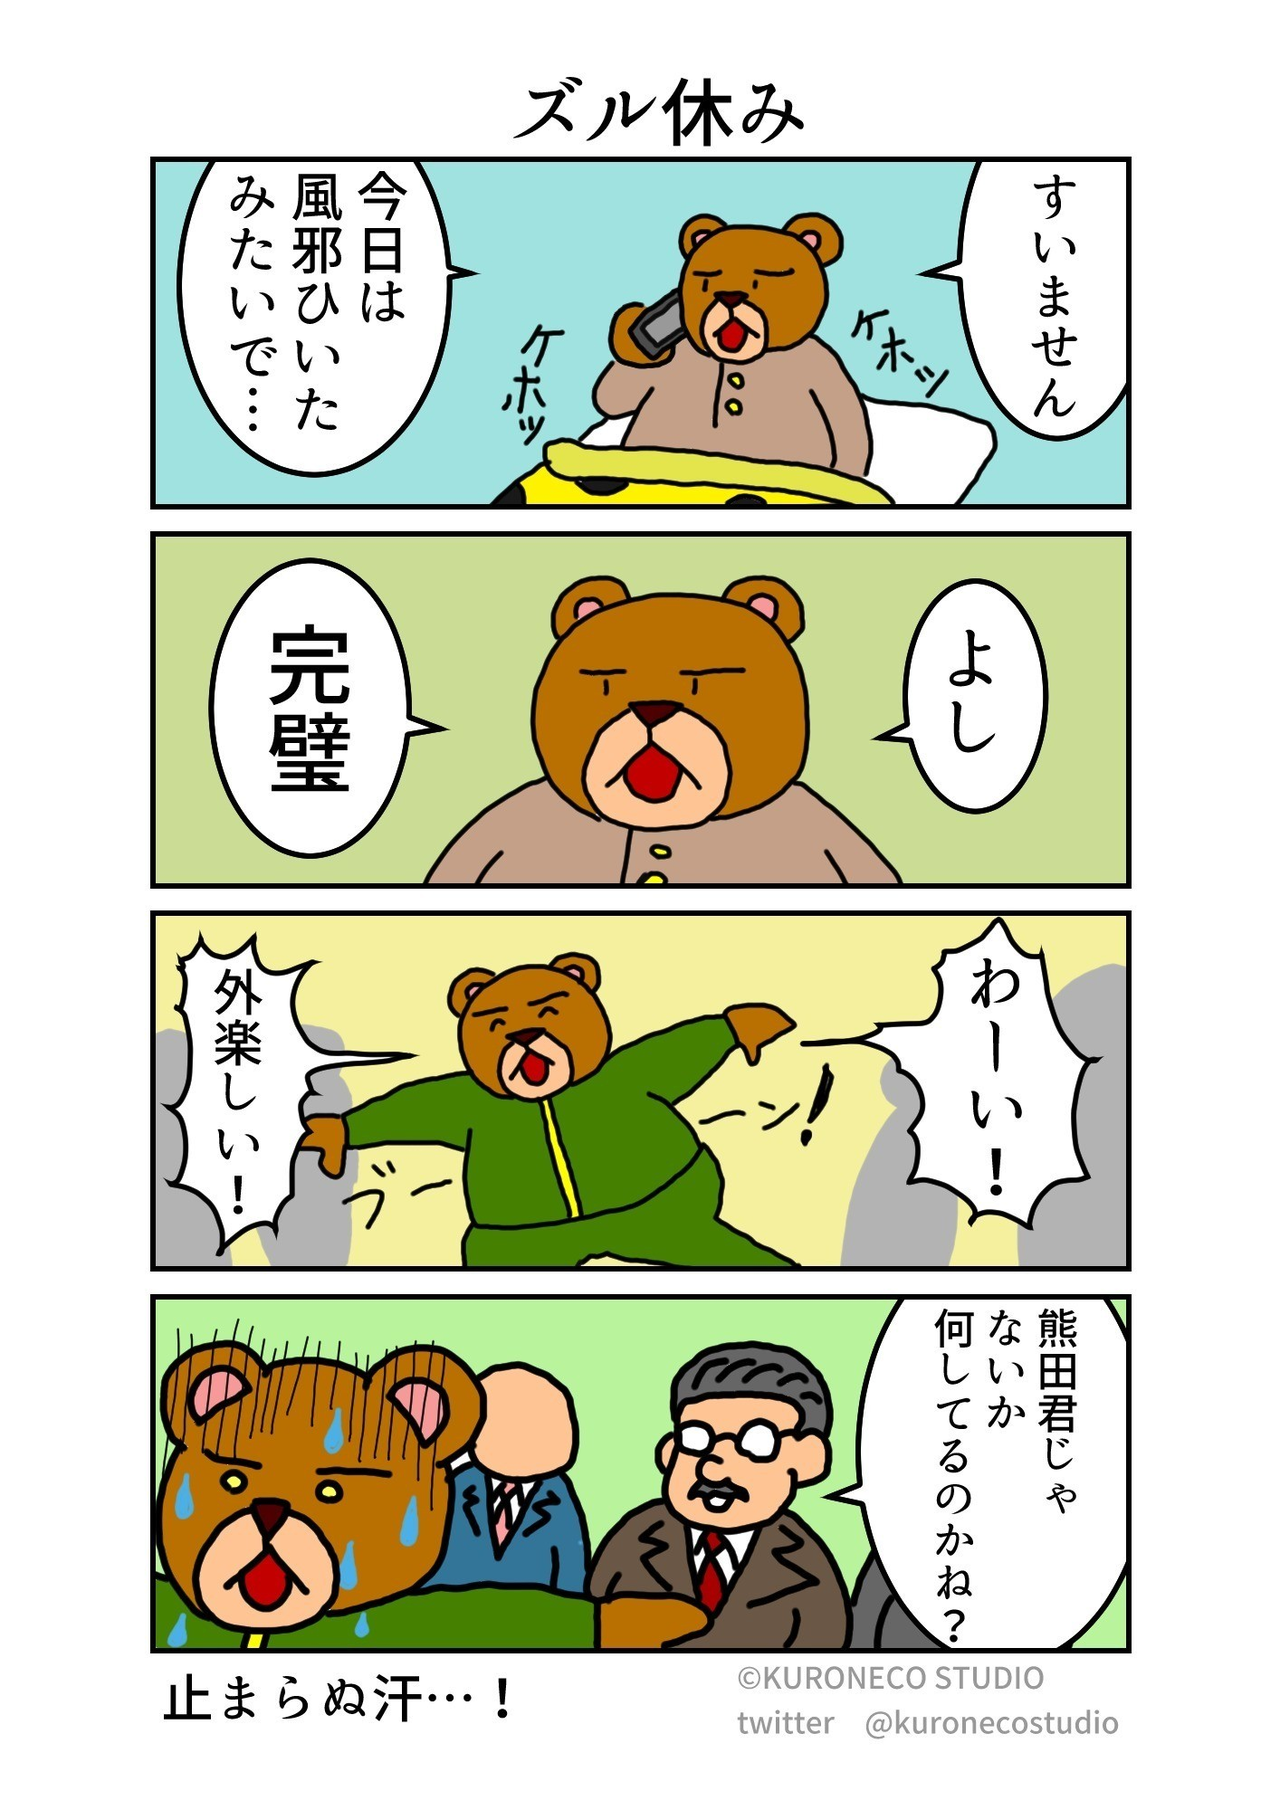 4コマ漫画︰熊田さん「ズル休み...